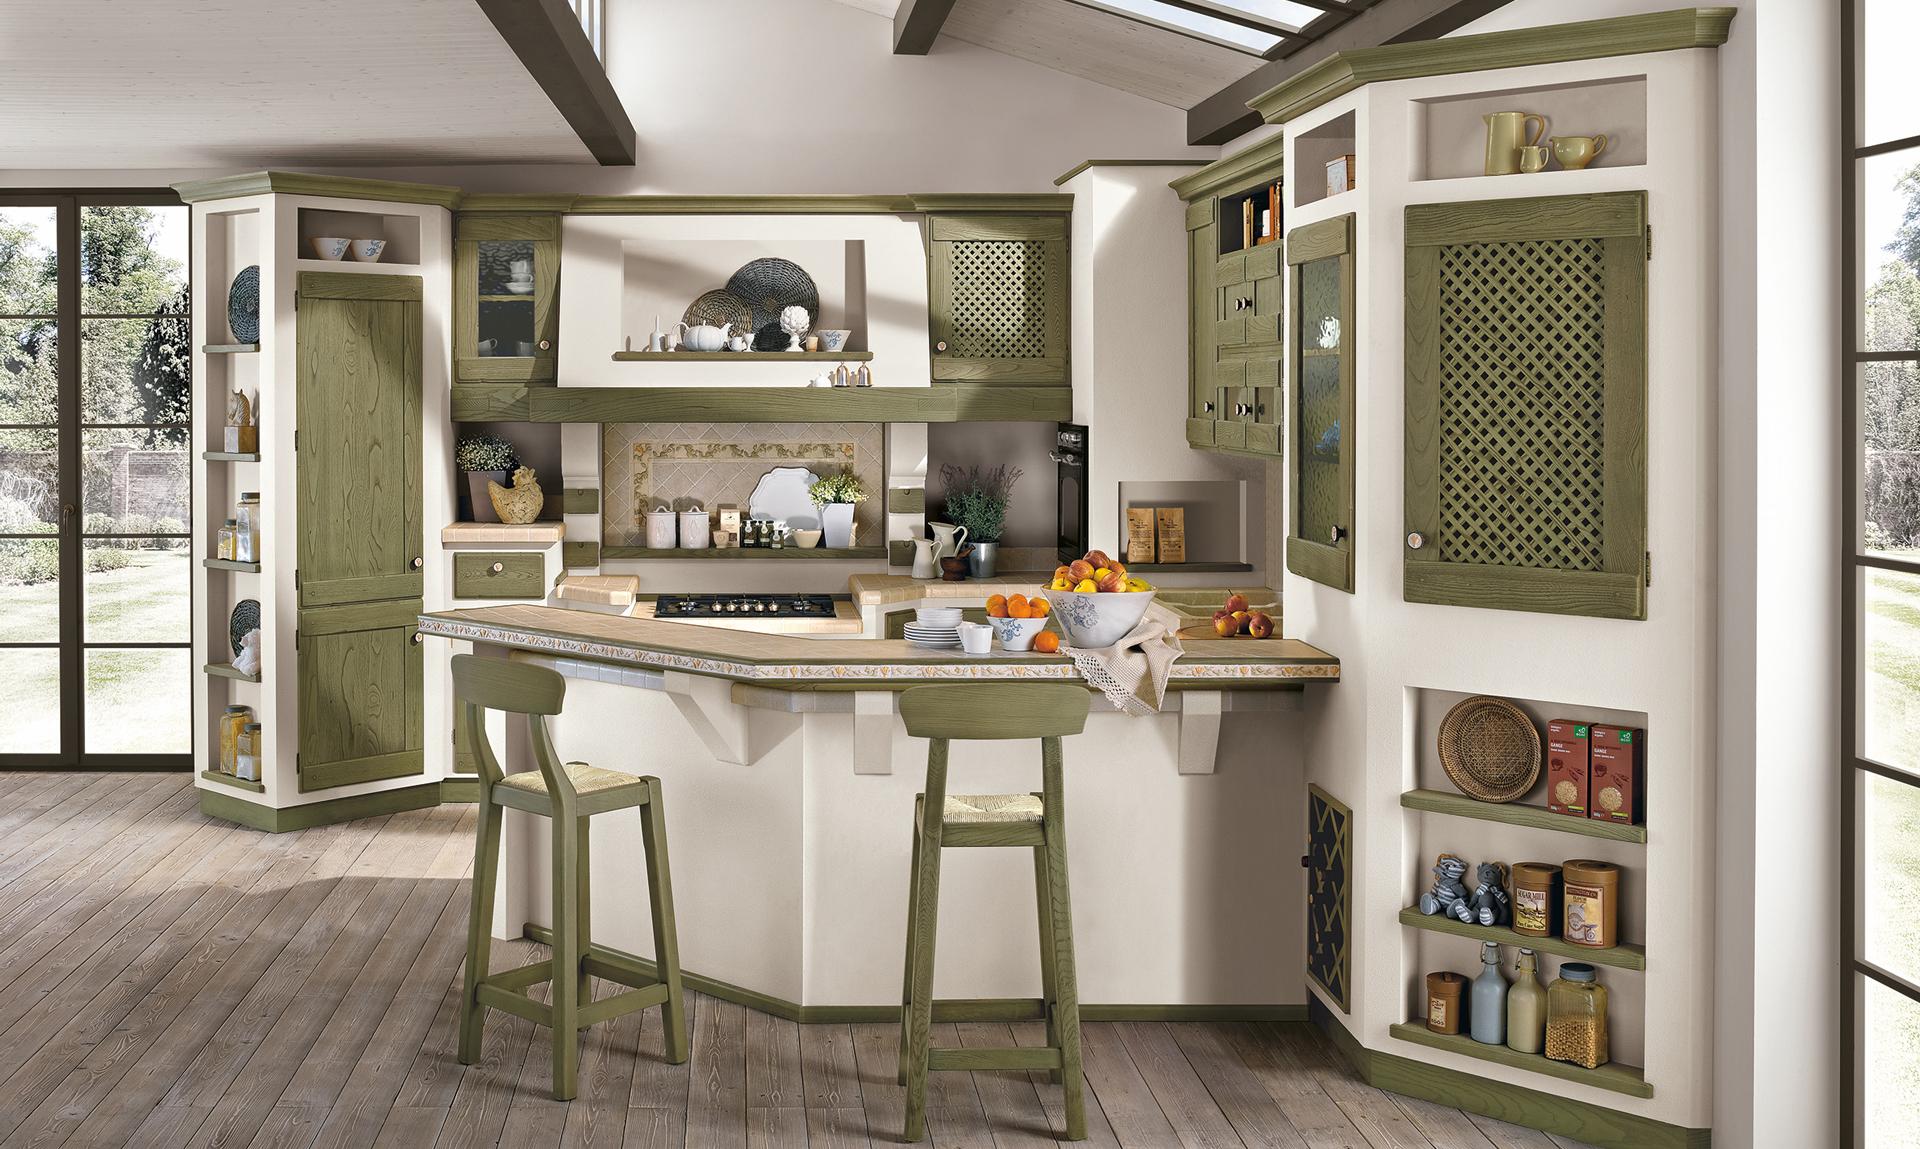 Anita Antique white - Borgo Antico Kitchens - The LUBE Group